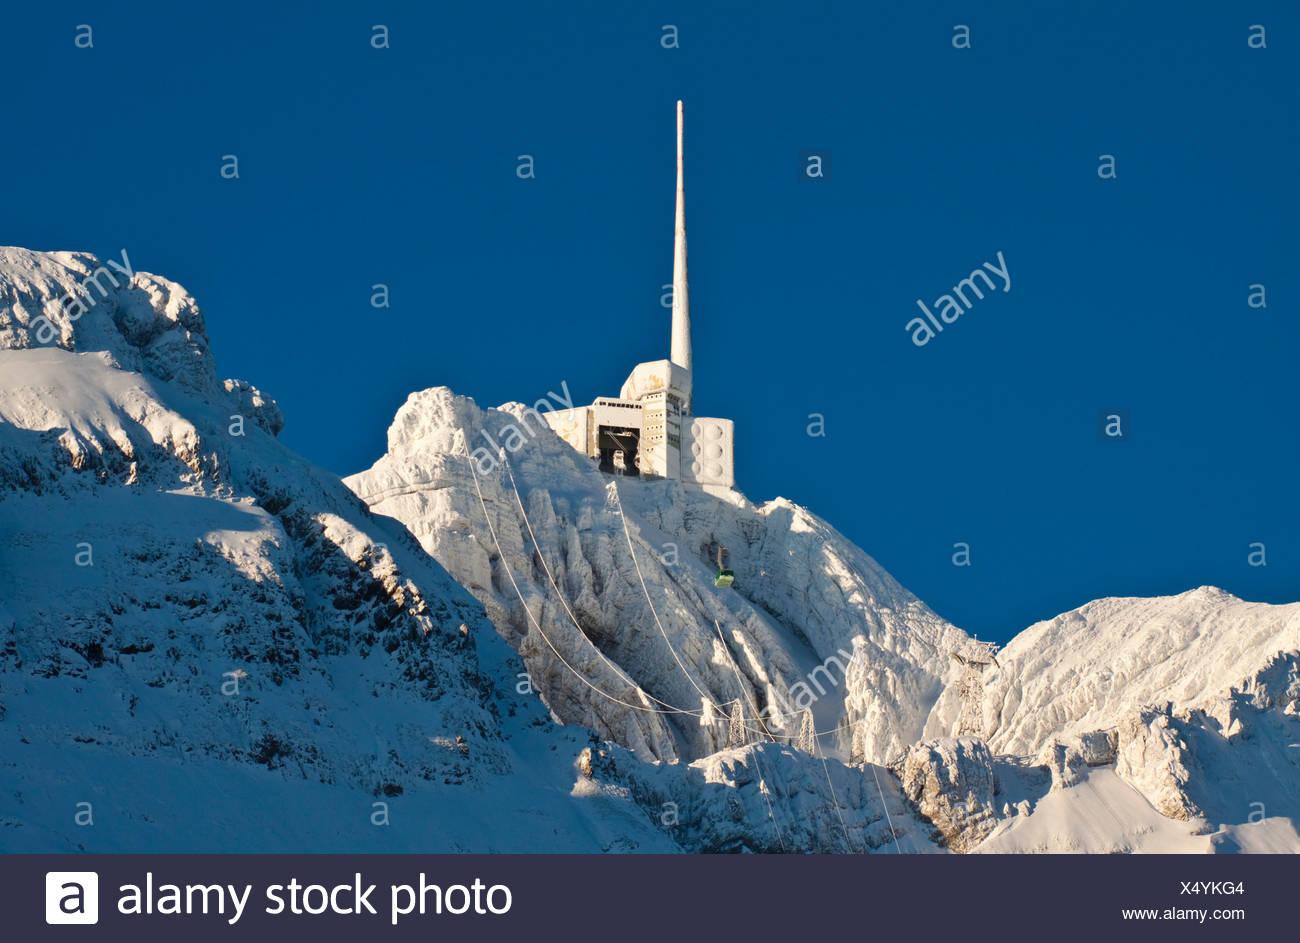 Säntis-Berg mit der Bergstation und einer Gondel im Winter, Alpsteingebirge Berge Reisen Stockbild